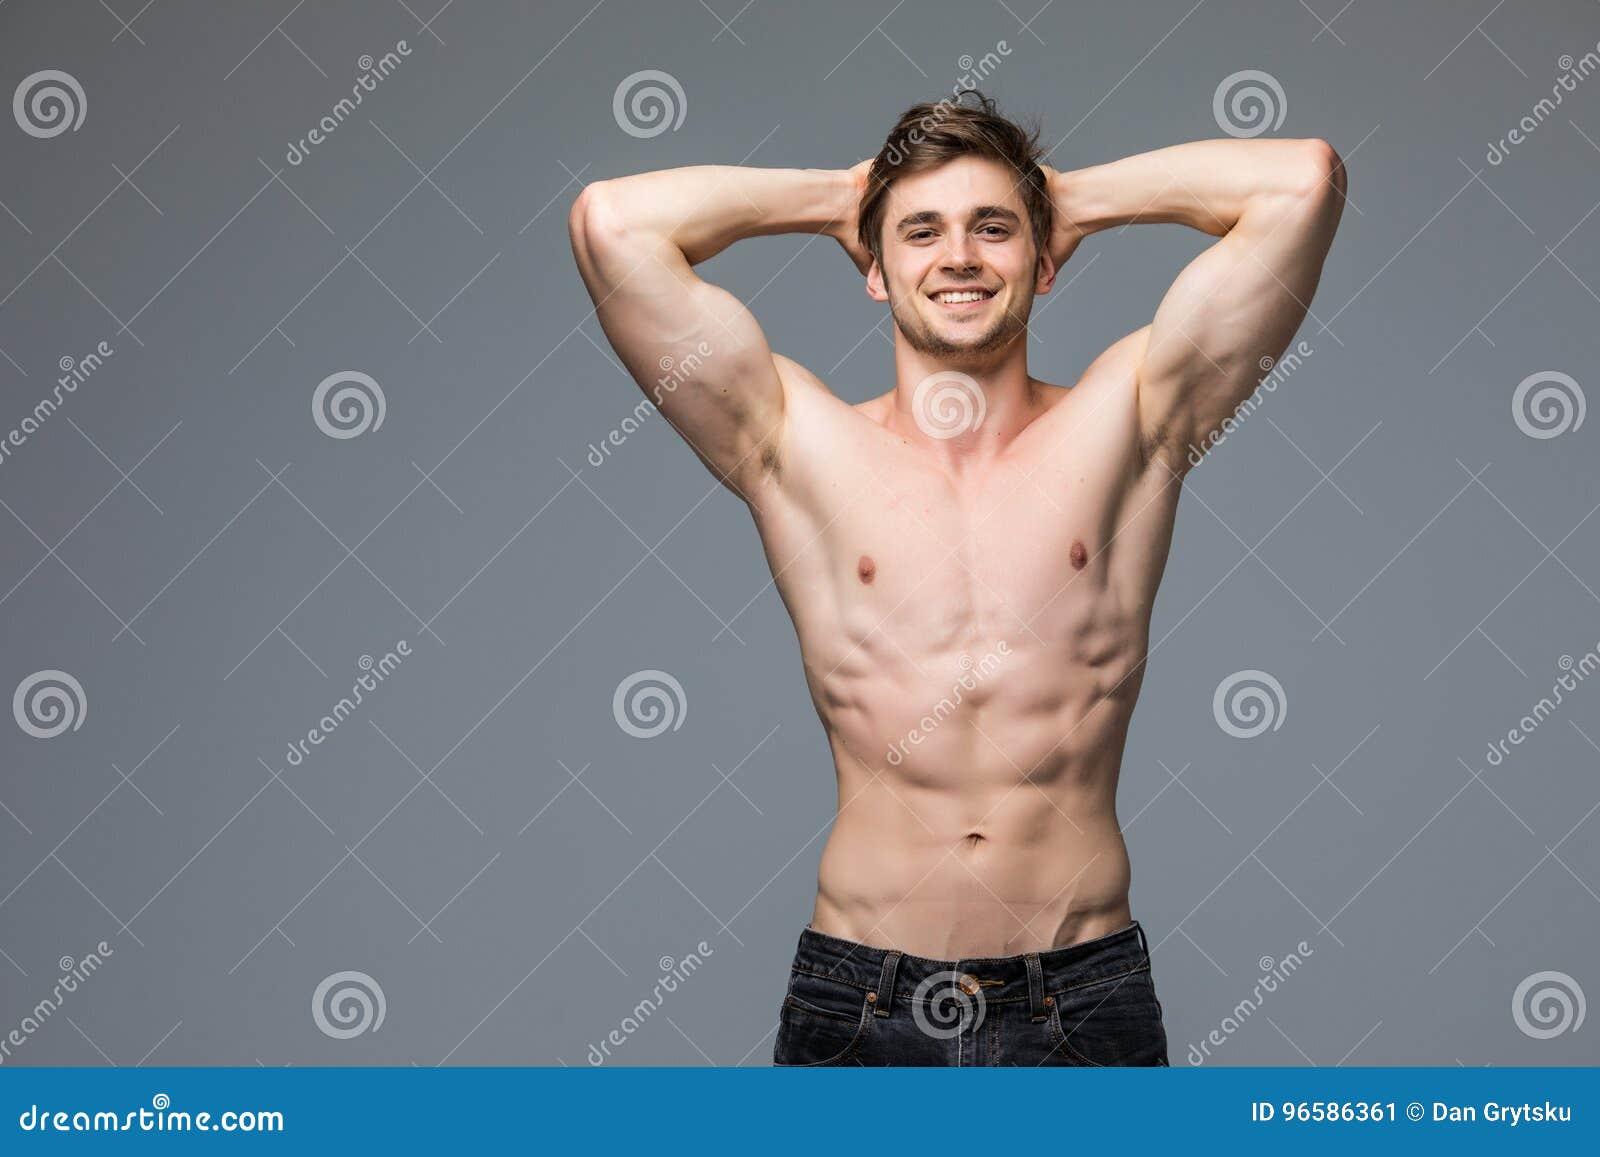 Καυτά γυμνό αρσενικό μοντέλο